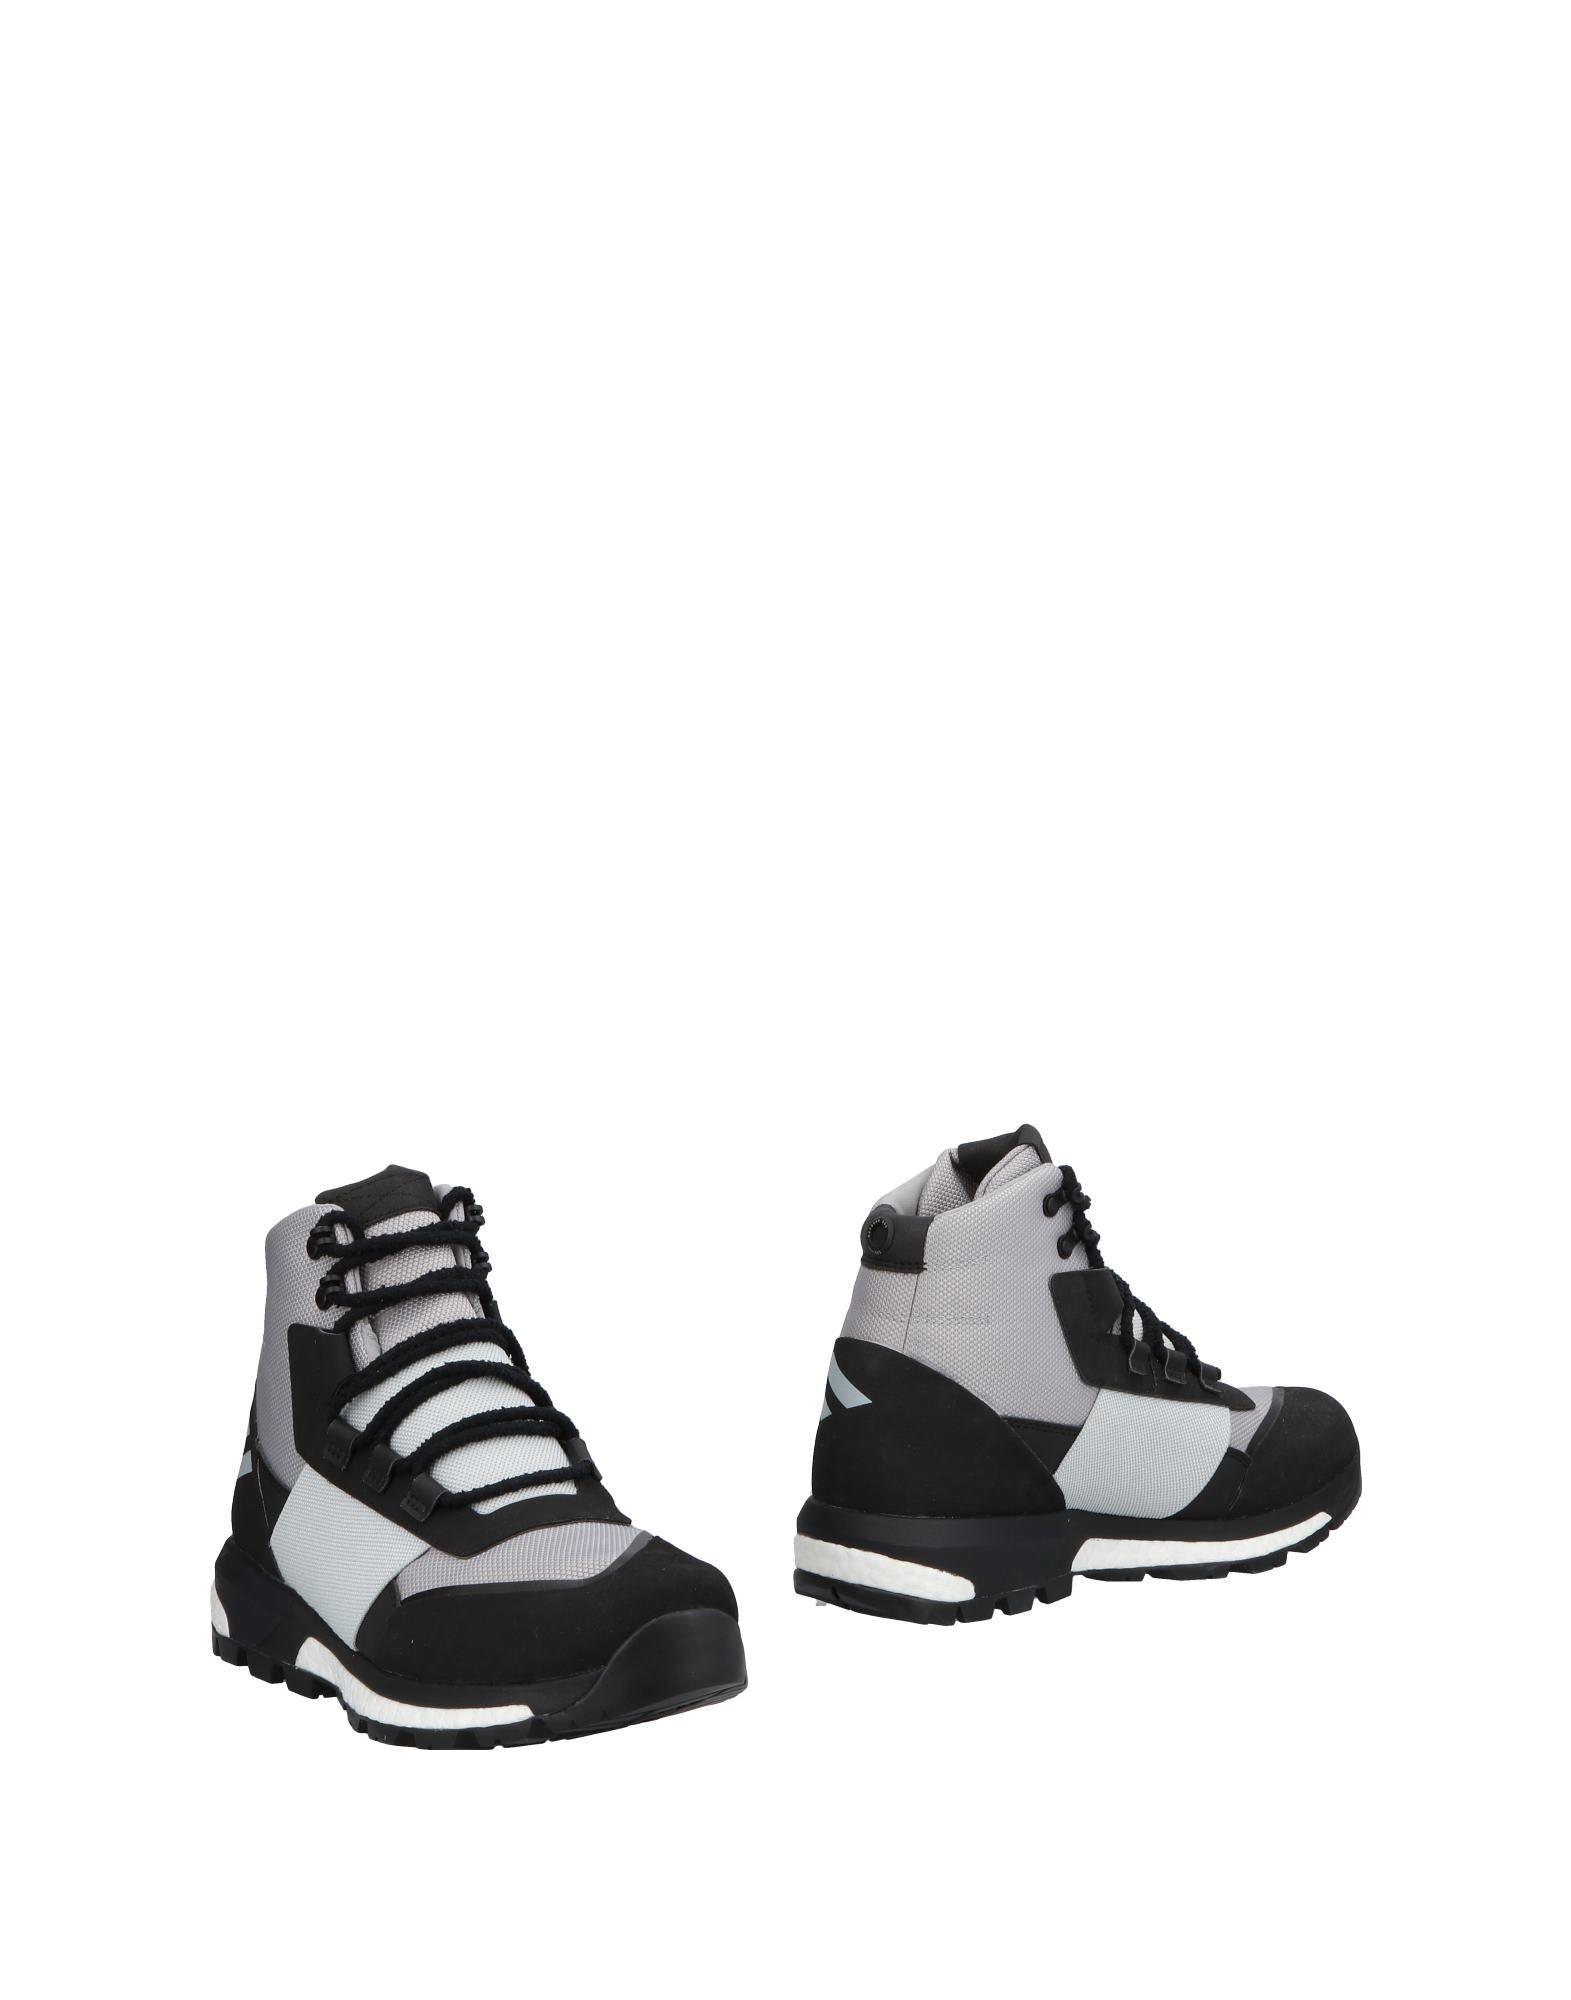 ADIDAS Полусапоги и высокие ботинки ботинки adidas adidas ch libria pearl cp женские